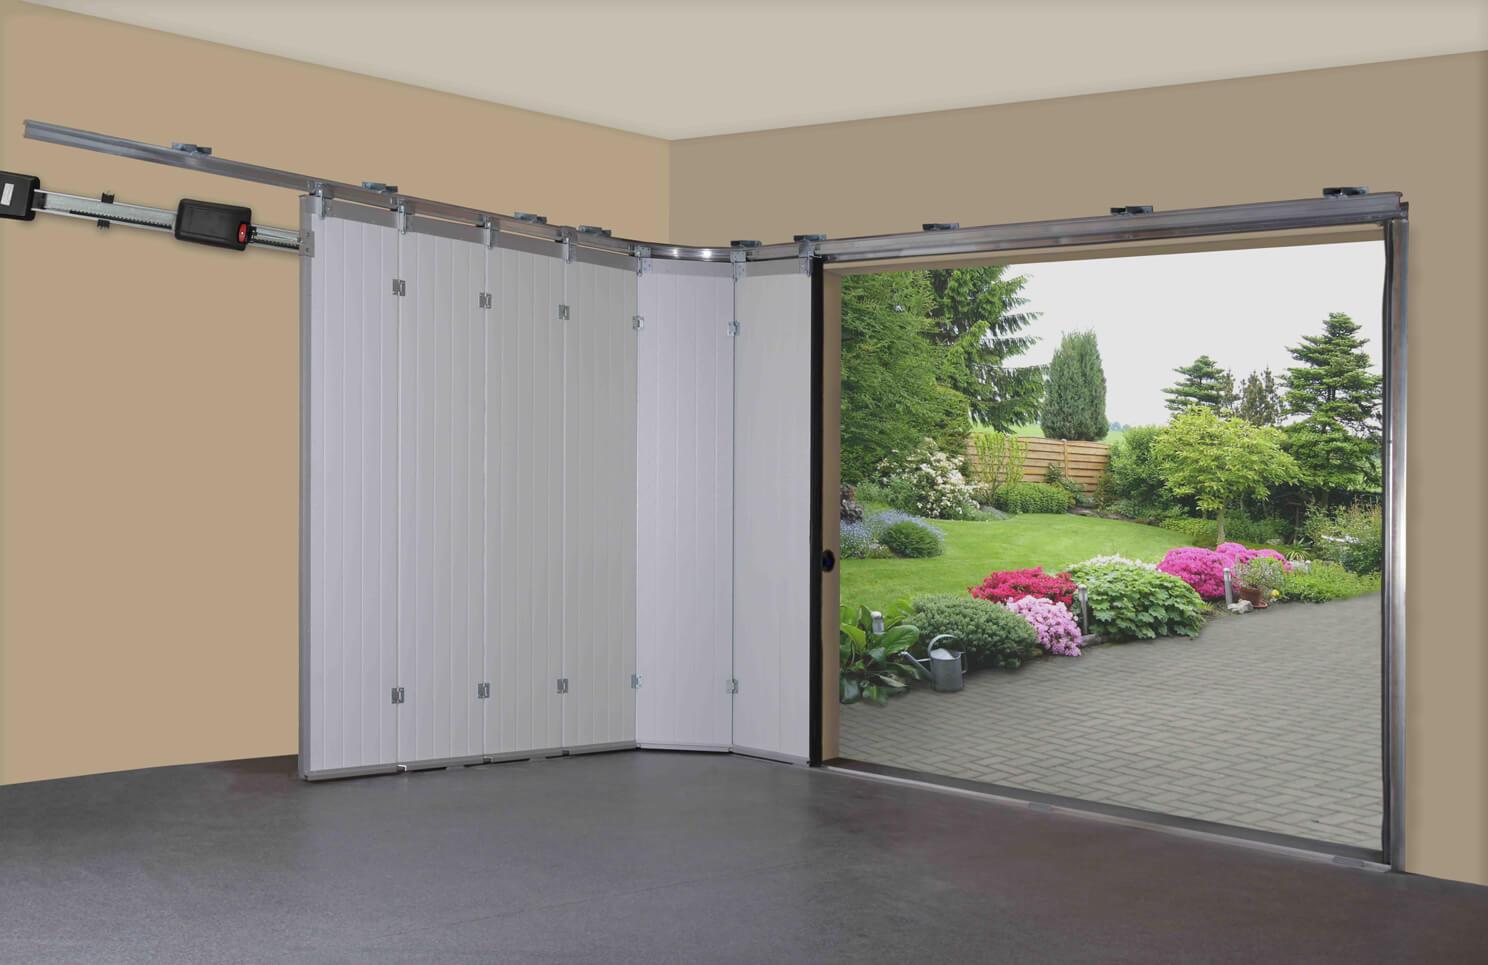 Side Sliding Garage Doors In Herts Beds Bucks Sdm